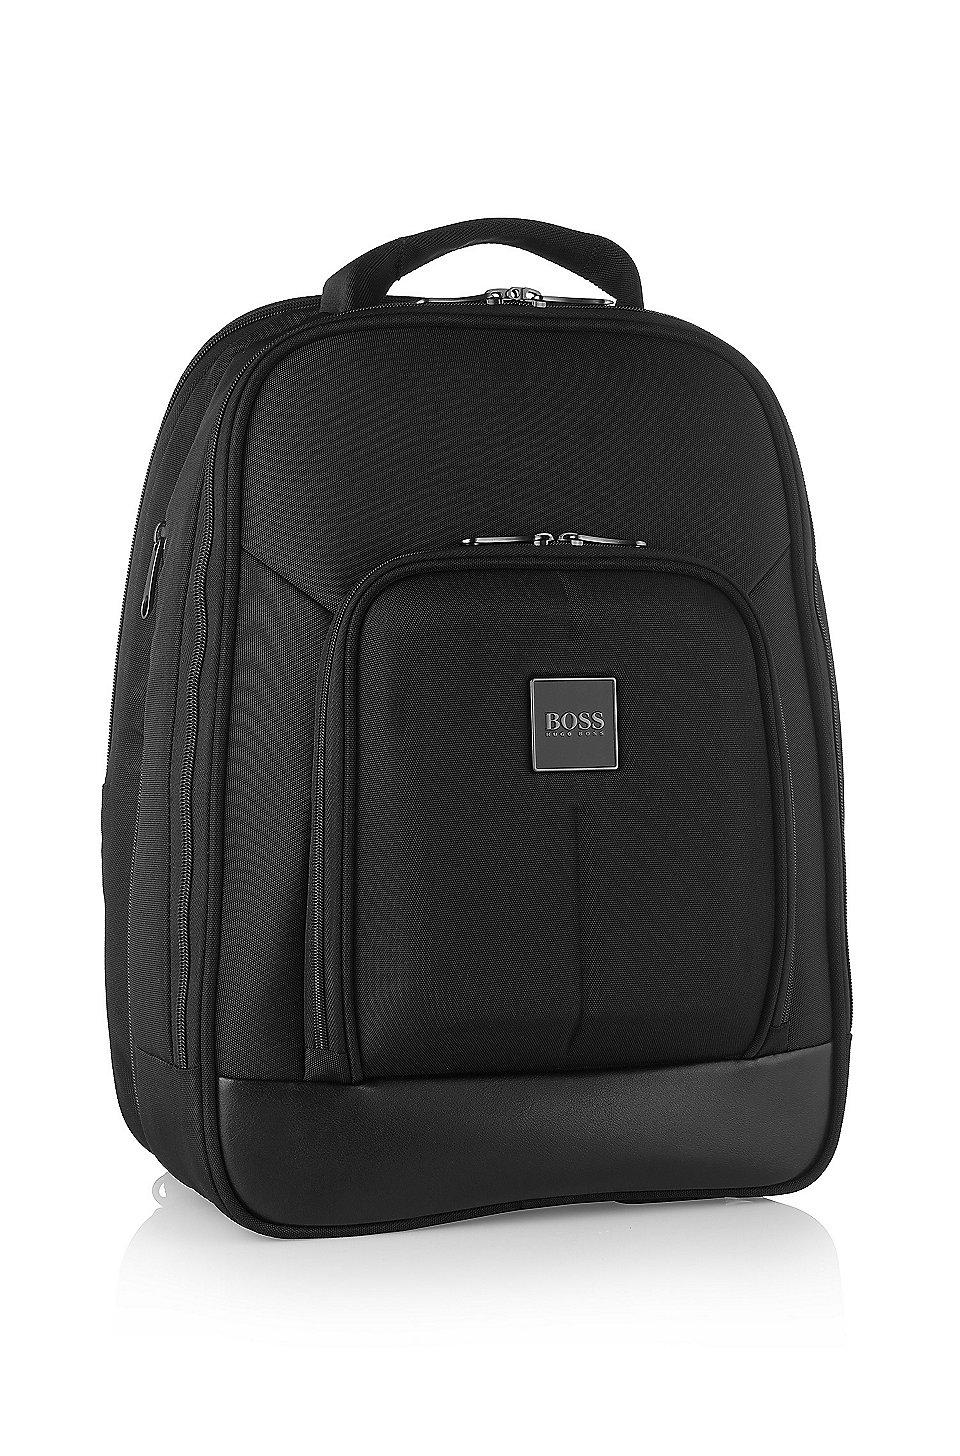 zahlreich in der Vielfalt unglaubliche Preise populärer Stil BOSS - Rucksack ´Lisitea` mit Laptop-Fach